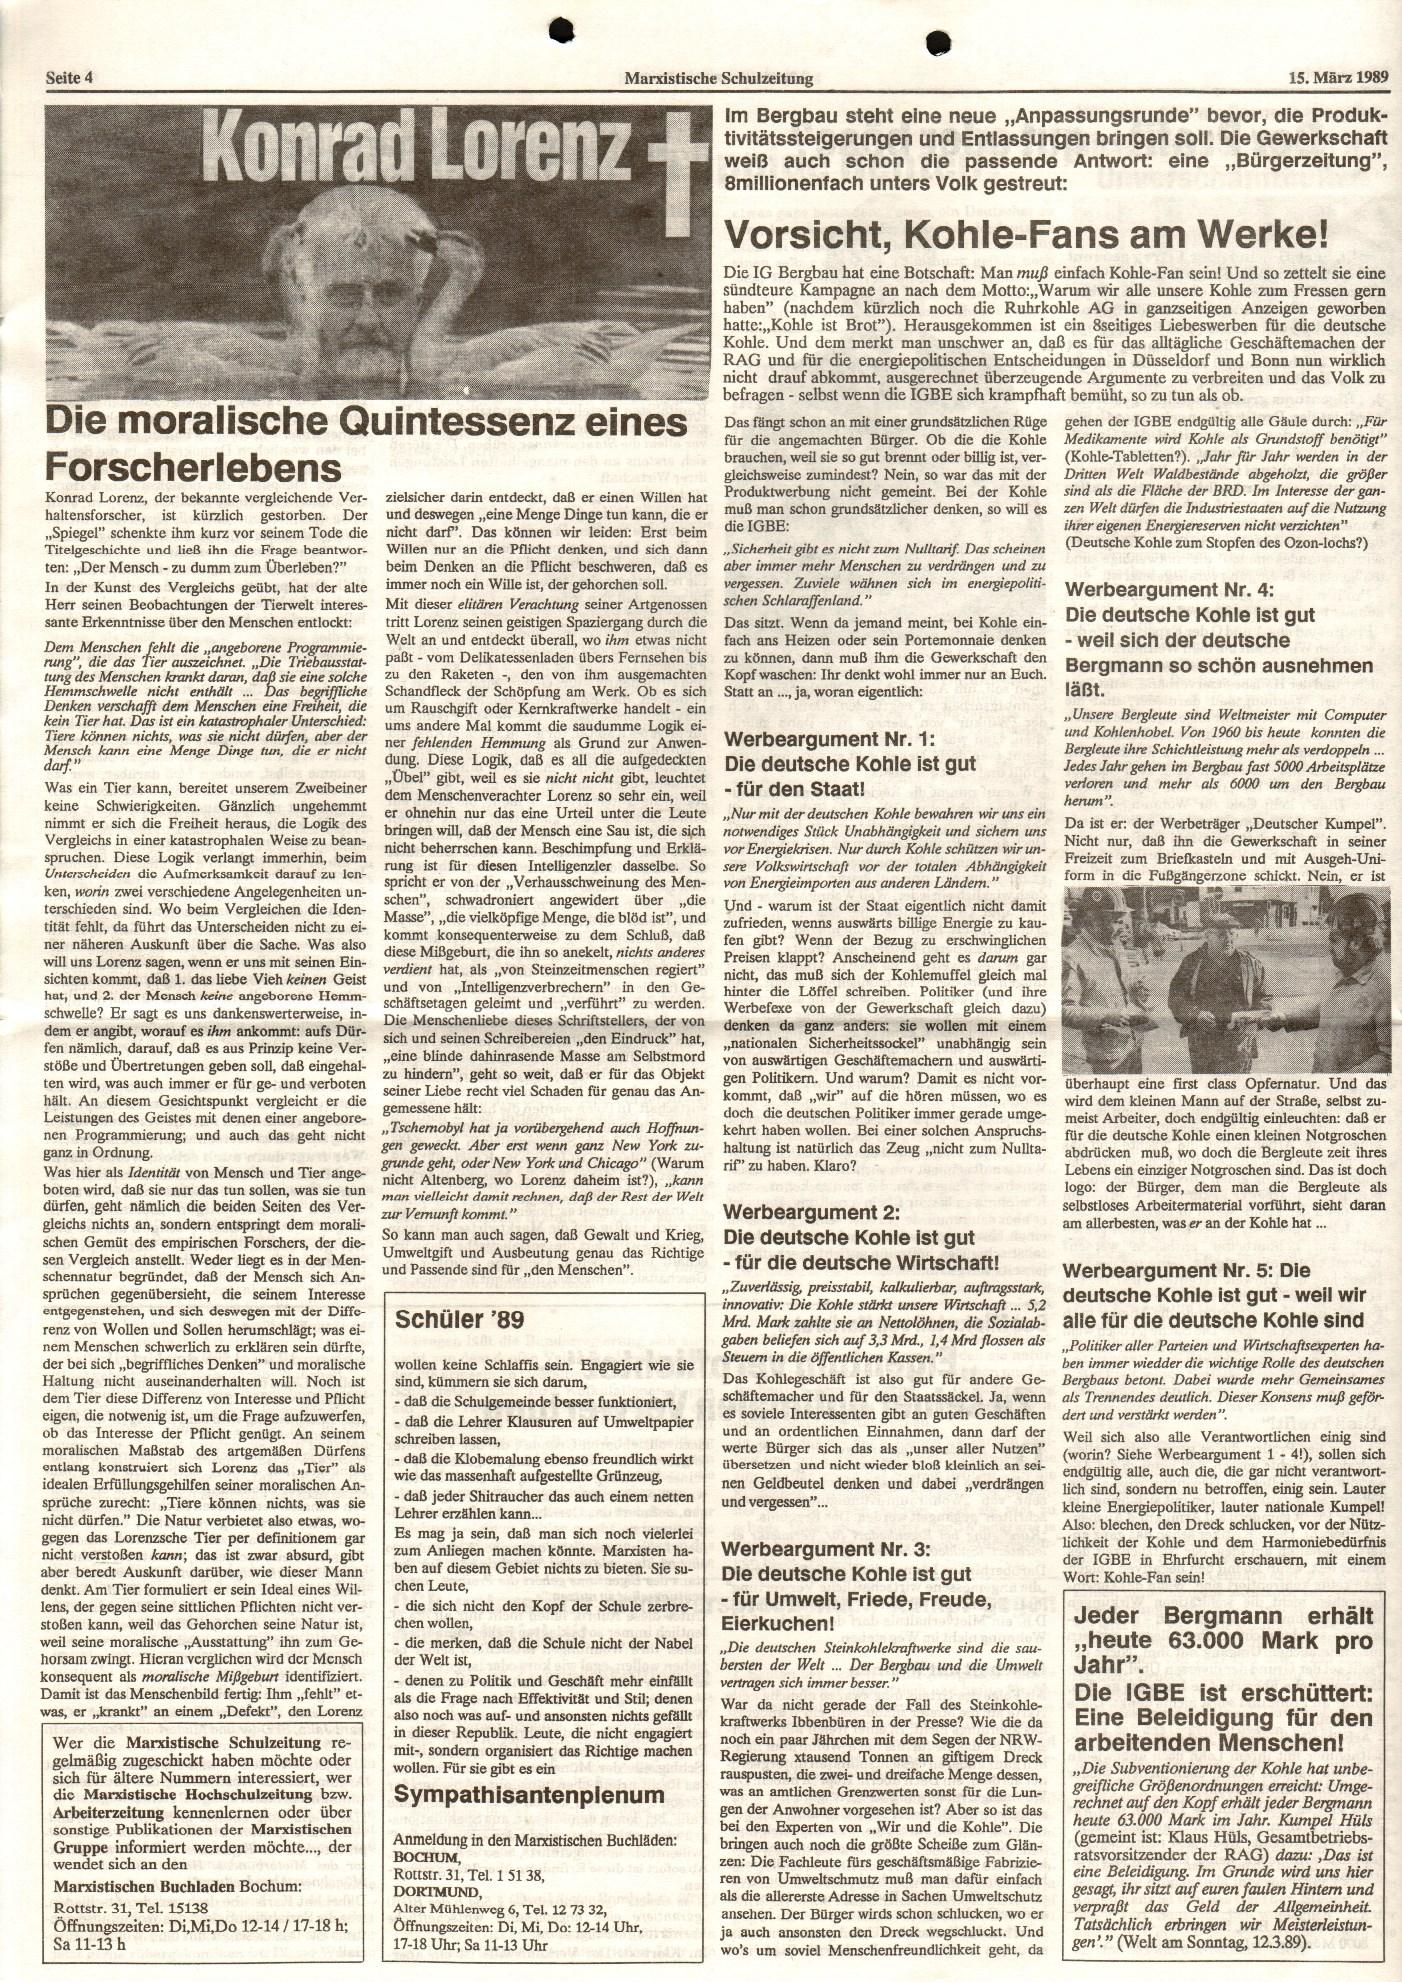 Ruhrgebiet_MG_Marxistische_Schulzeitung_19890315_04